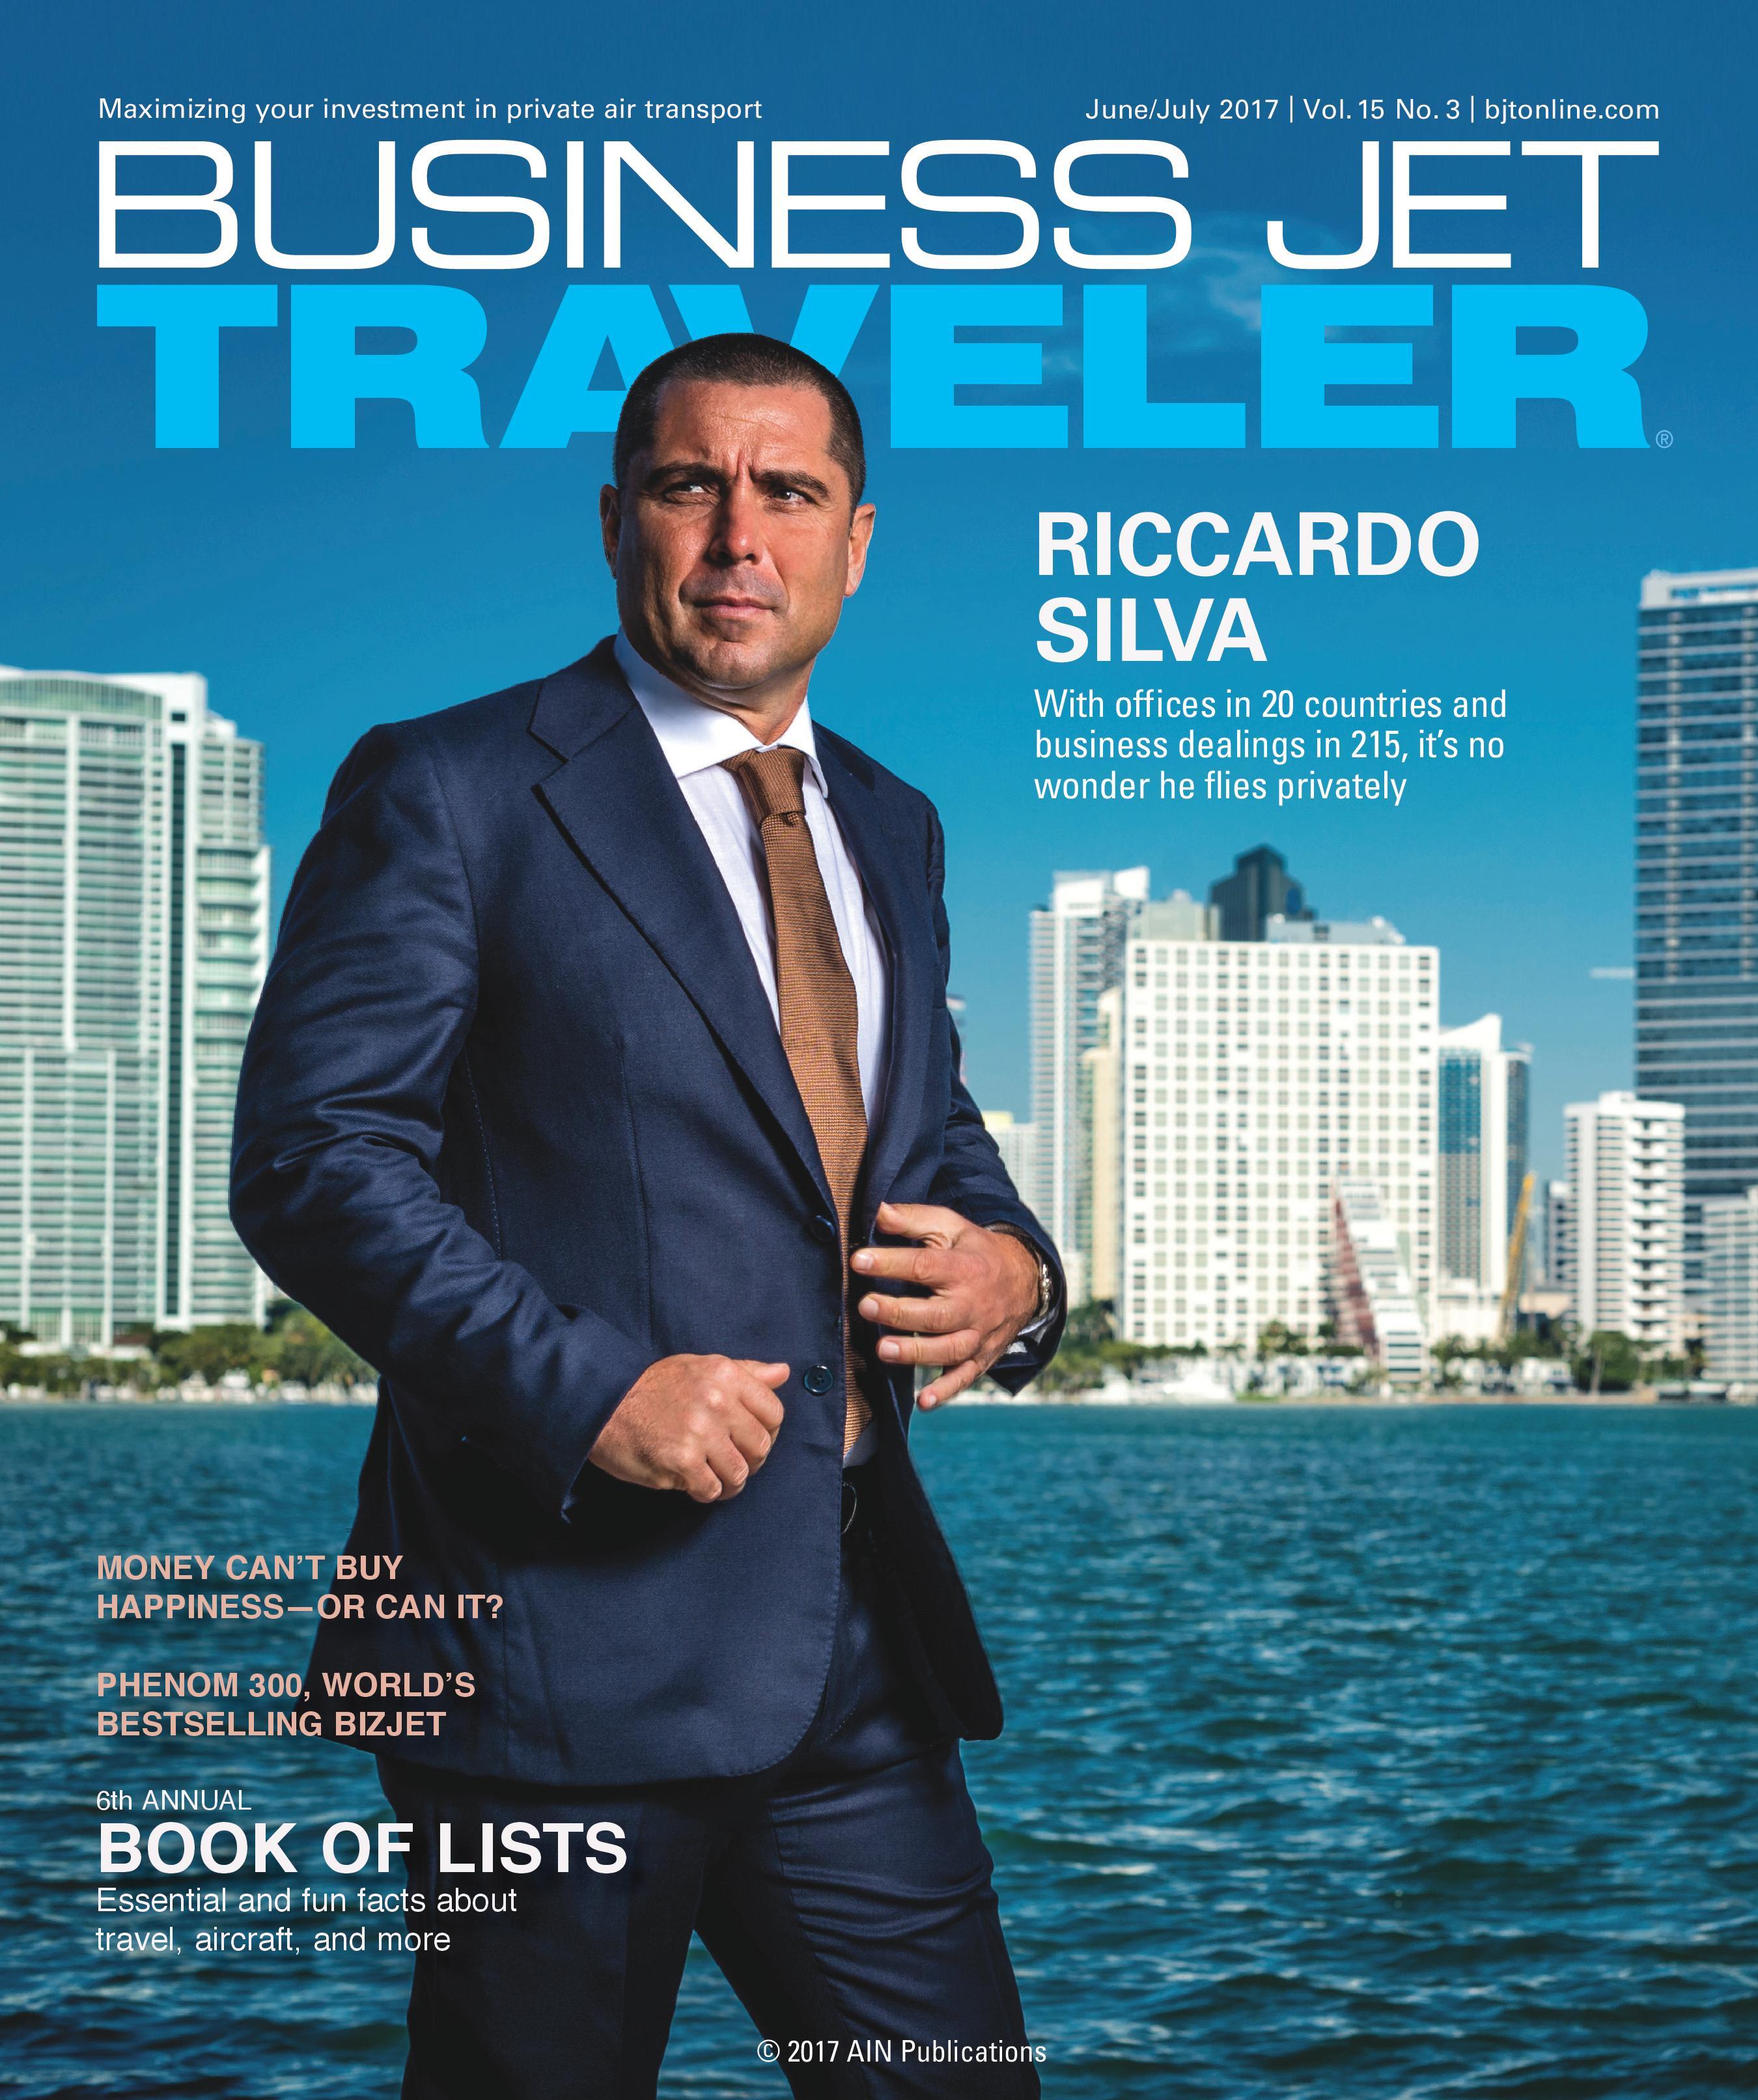 Riccardo Silva on the cover of Business Jet Traveler magazine